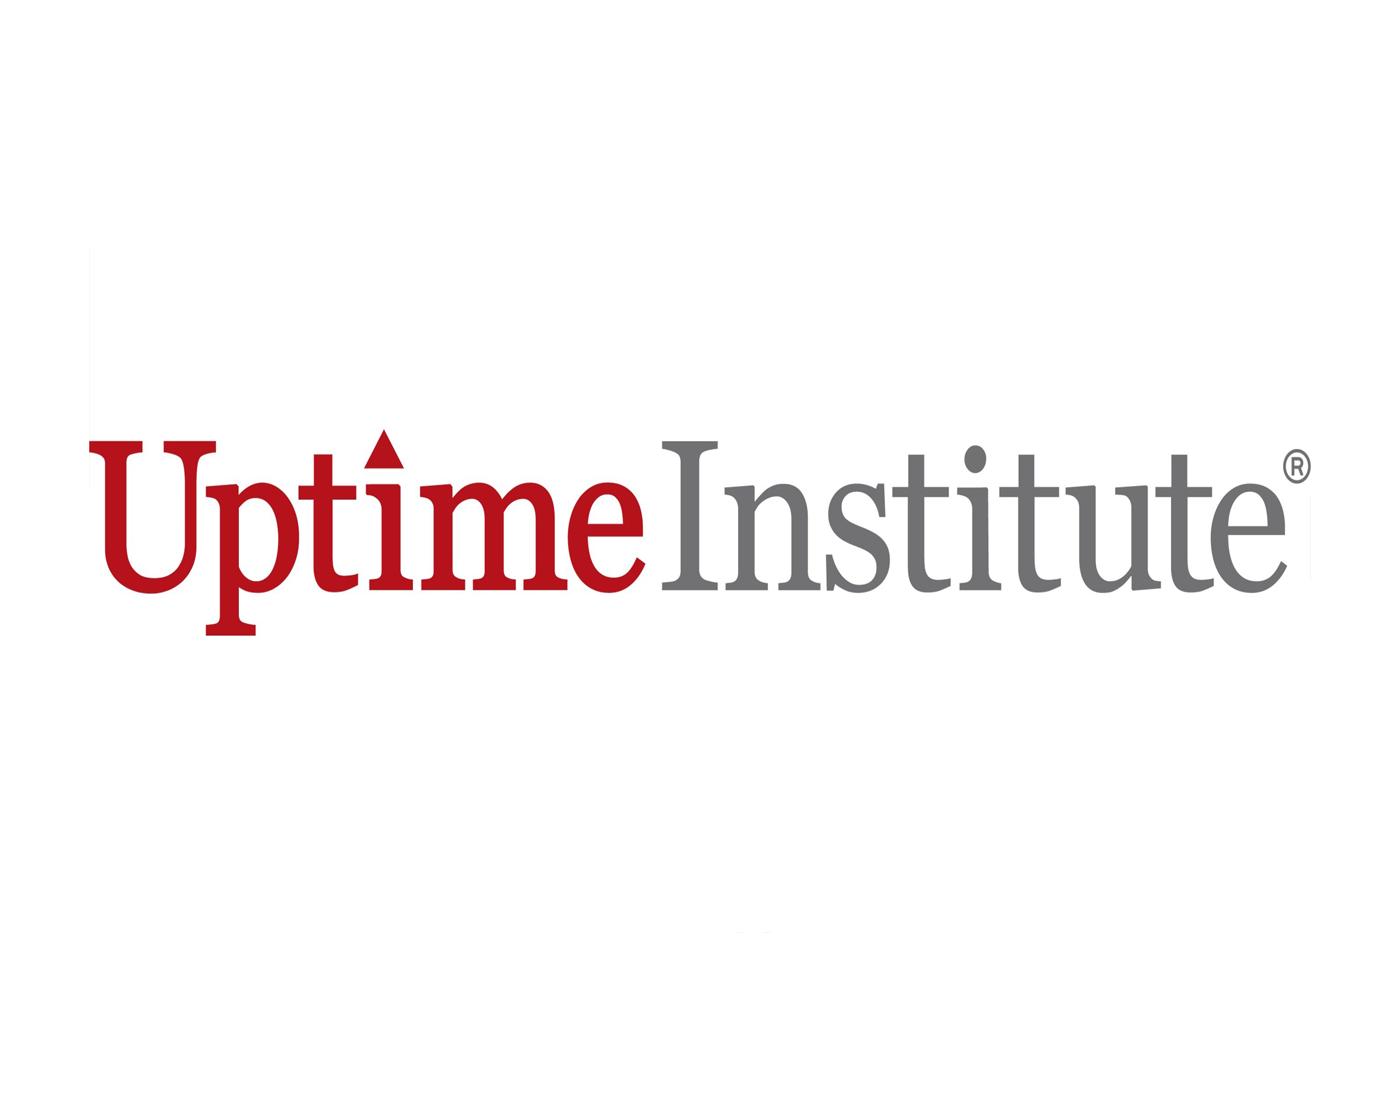 Epc Companies In Uae